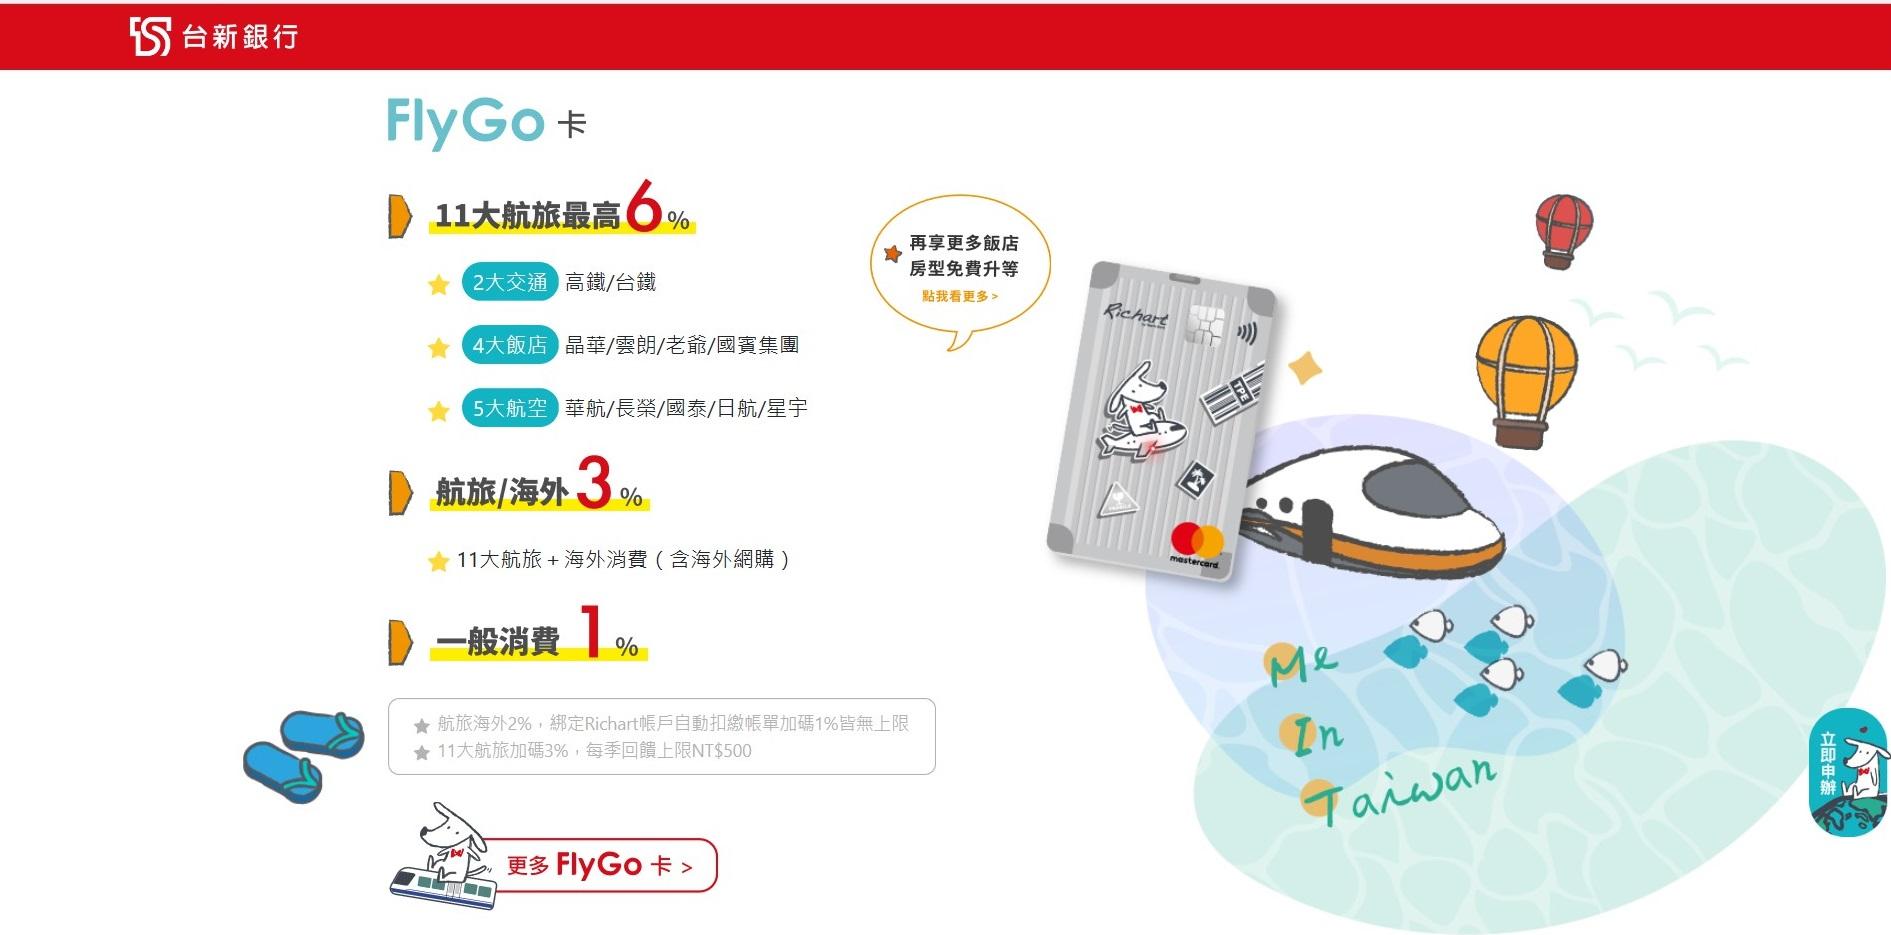 臺新Richart飛狗FlyGo卡、@GoGo卡2020全新出擊! - 布萊N 機票達人